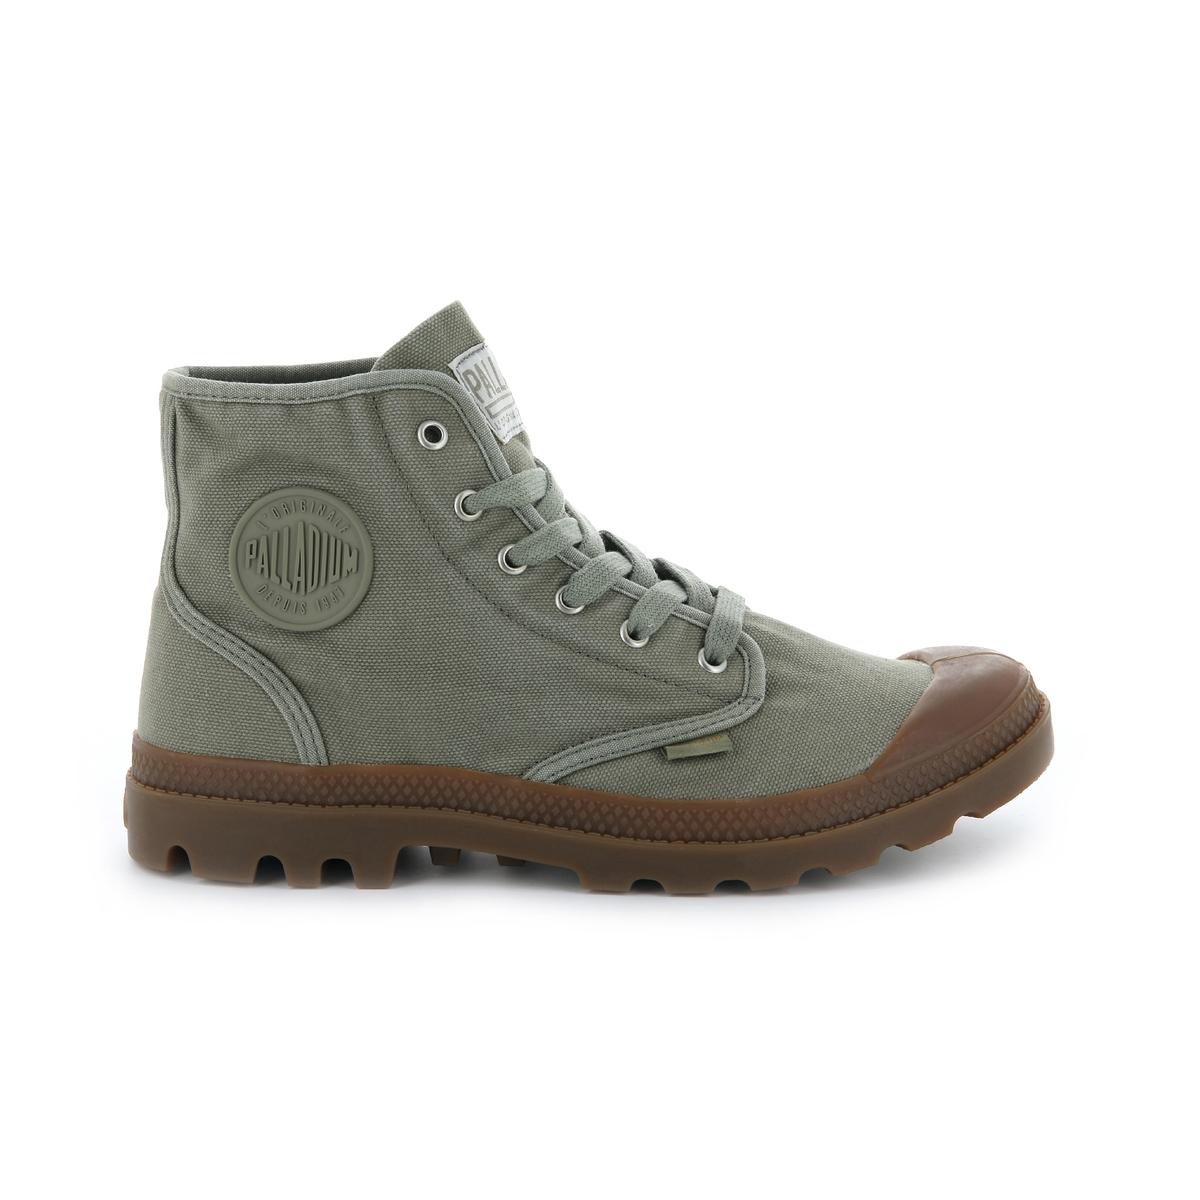 Кеды высокие Us Pampa HighОписание:Детали •  Кеды высокие •  Спортивный стиль •  Плоский каблук •  Высота каблука : 2,5 см •  Застежка : шнуровка •  Гладкая отделкаСостав и уход •  Верх 100% текстиль •  Подкладка 100% хлопок •  Стелька 100% хлопок •  Подошва 100% каучук<br><br>Цвет: зеленый хаки<br>Размер: 43.45